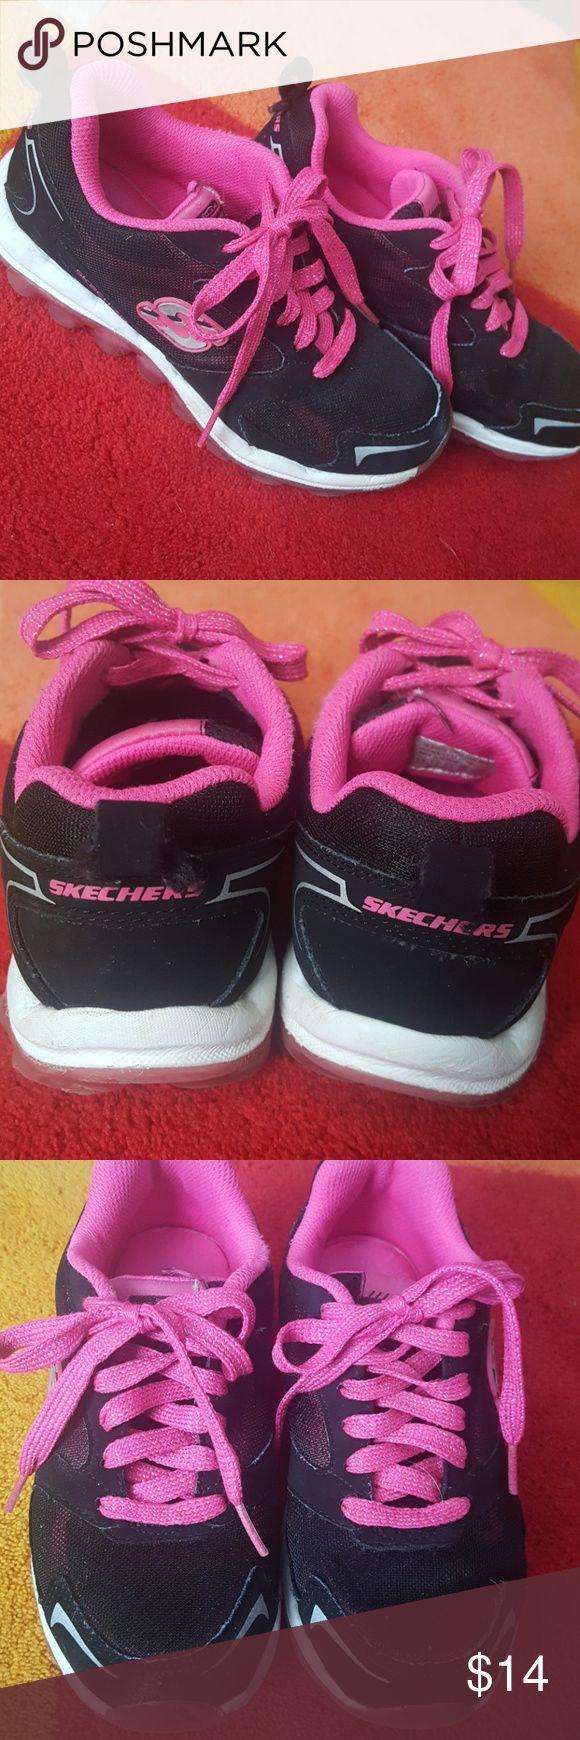 Skechers Tennis Shoes (Girls) Good pre used condition...Girl's Skechers Tennis Shoes. Lots of life left! Skechers Shoes Sneakers